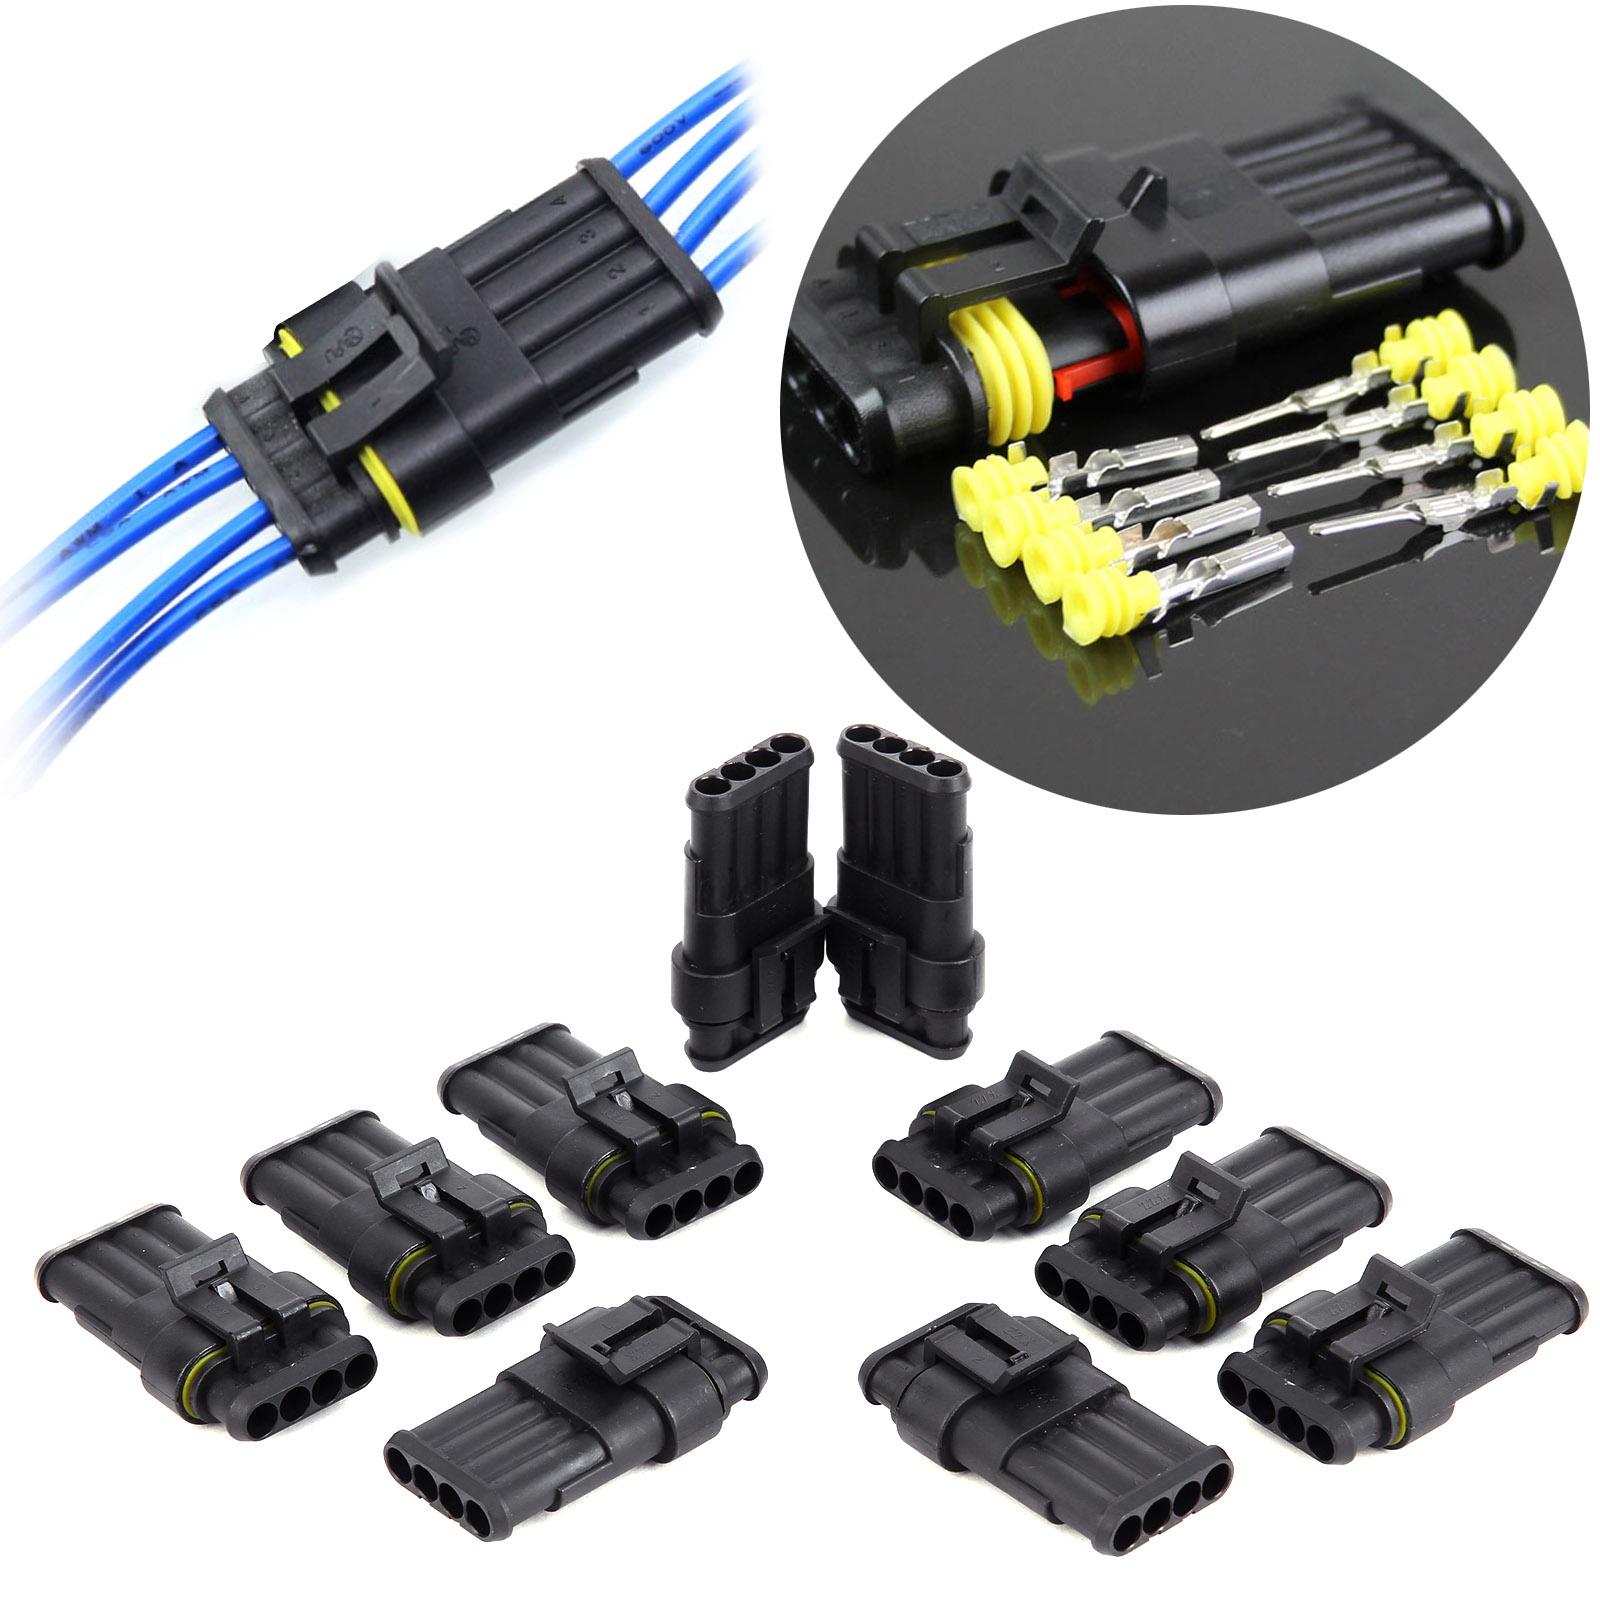 10x connecteur 4 fiches tanche pour cable electrique voiture bateau moto quad ebay. Black Bedroom Furniture Sets. Home Design Ideas